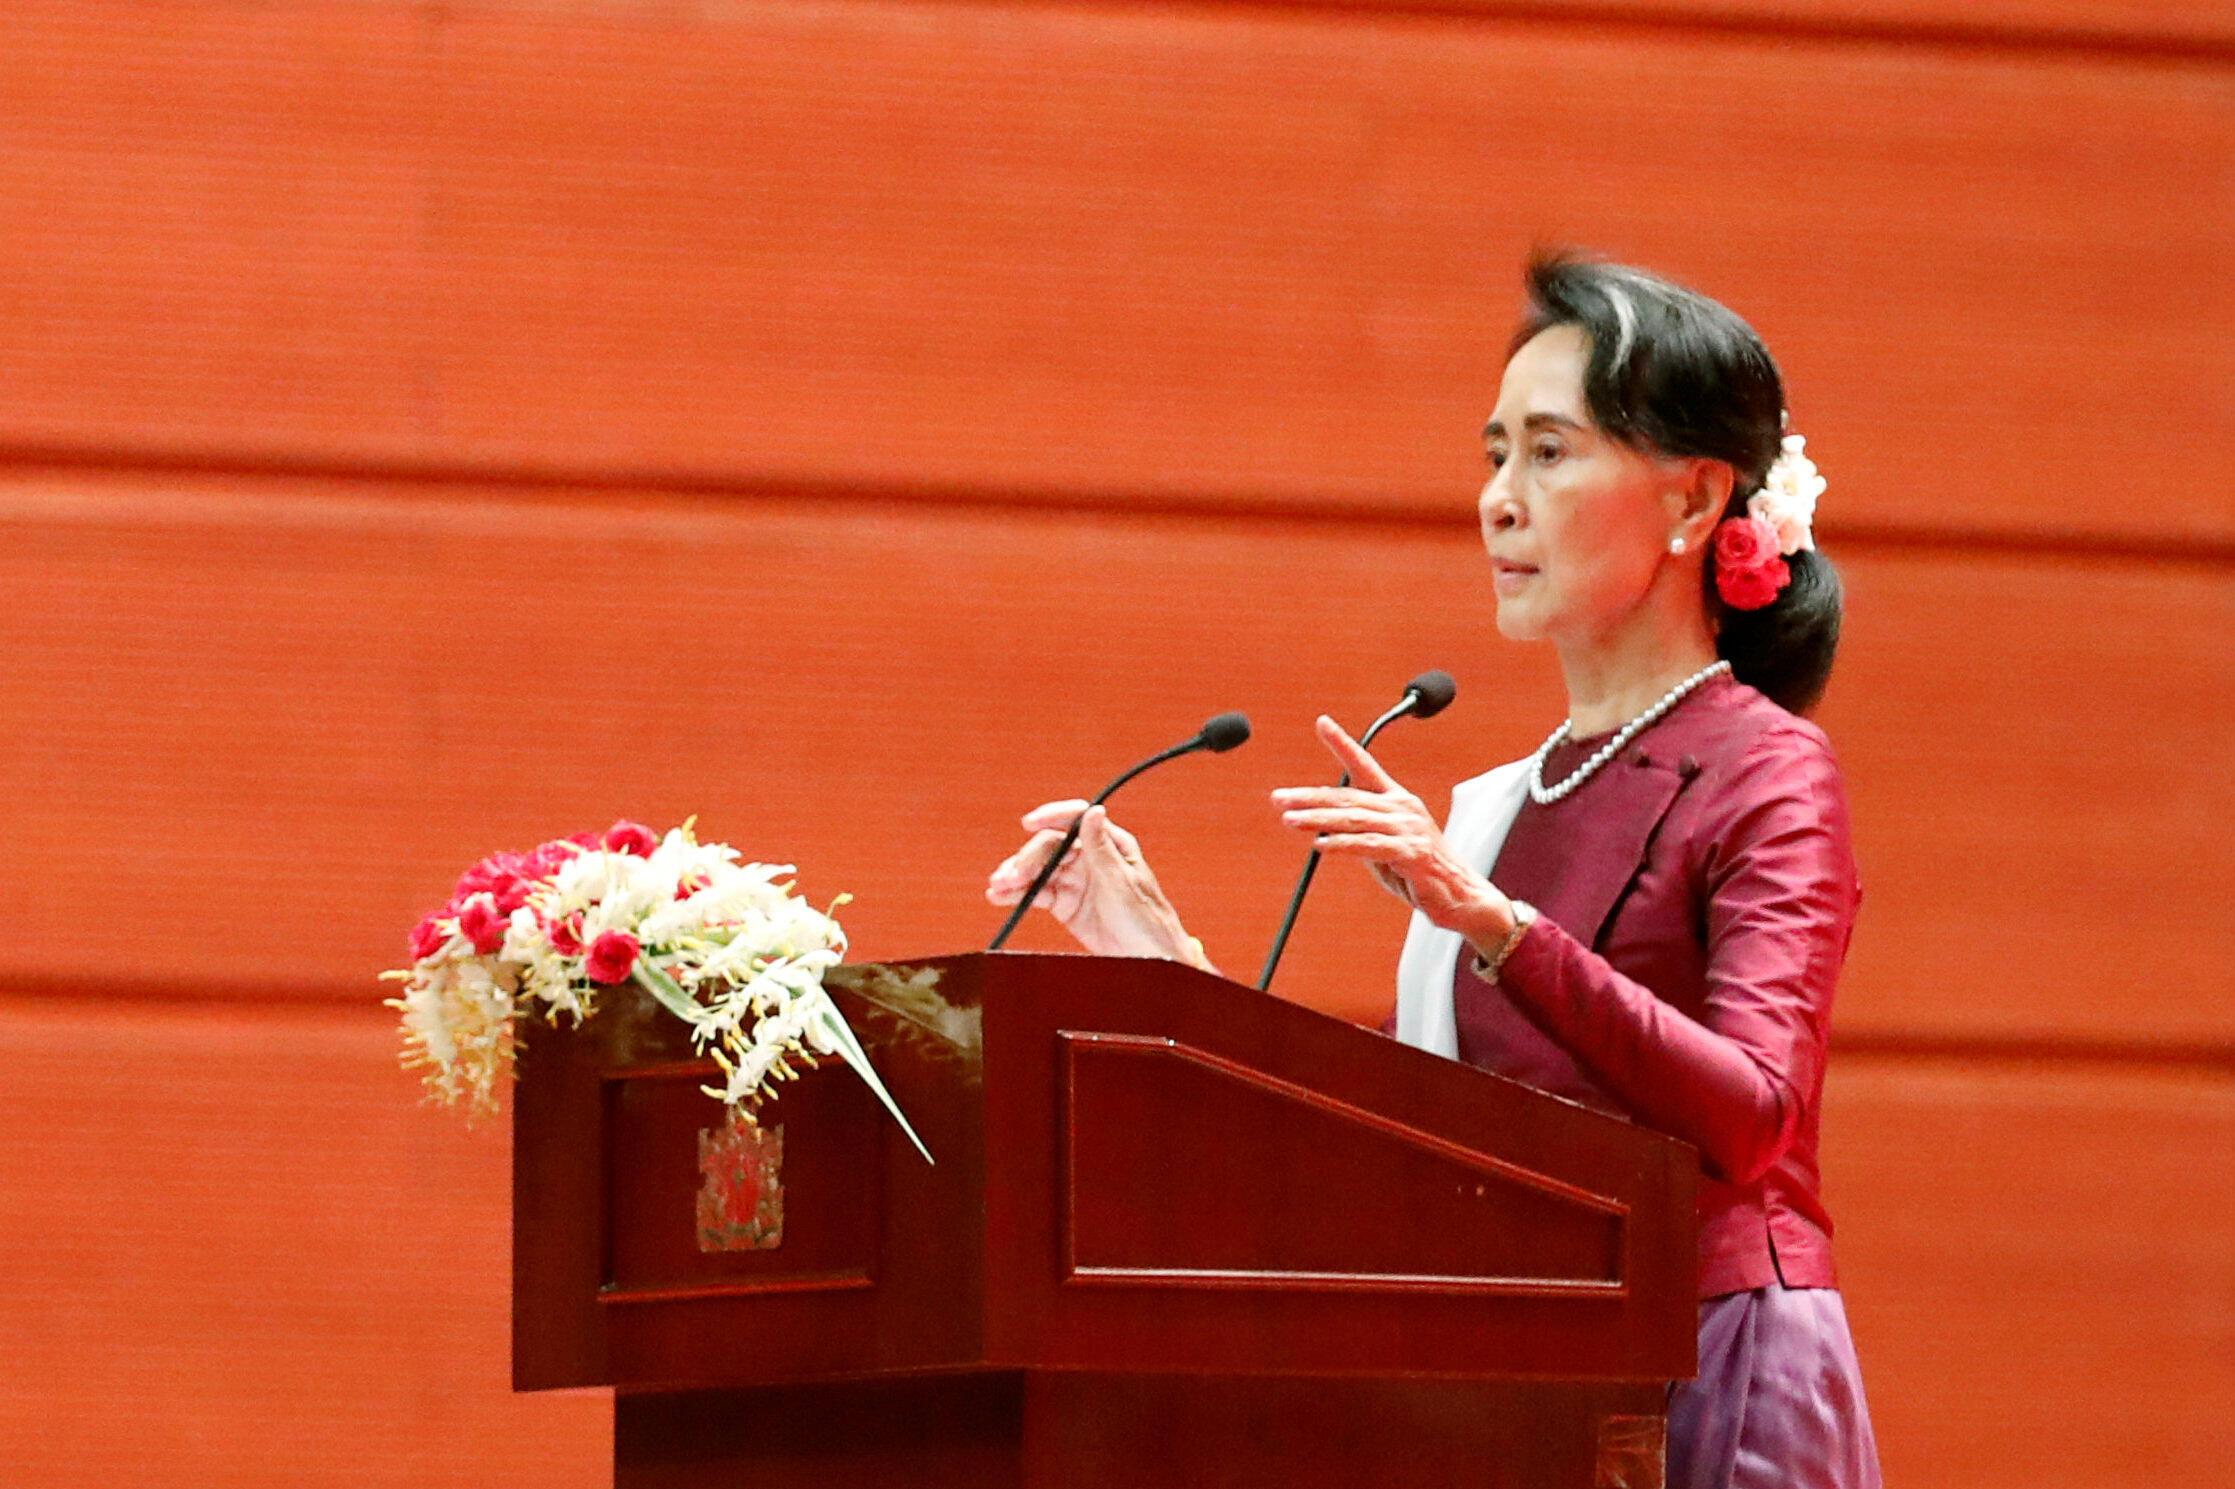 Hotuba ya kiongozi wa myanmar Aung San Suu Kyi kuhusu mgogoro unaowakabiliwa raia kutoka jamii ya Rohingya katika jimbo la Arakane, Septemba 19, 2017, Naypyidaw.